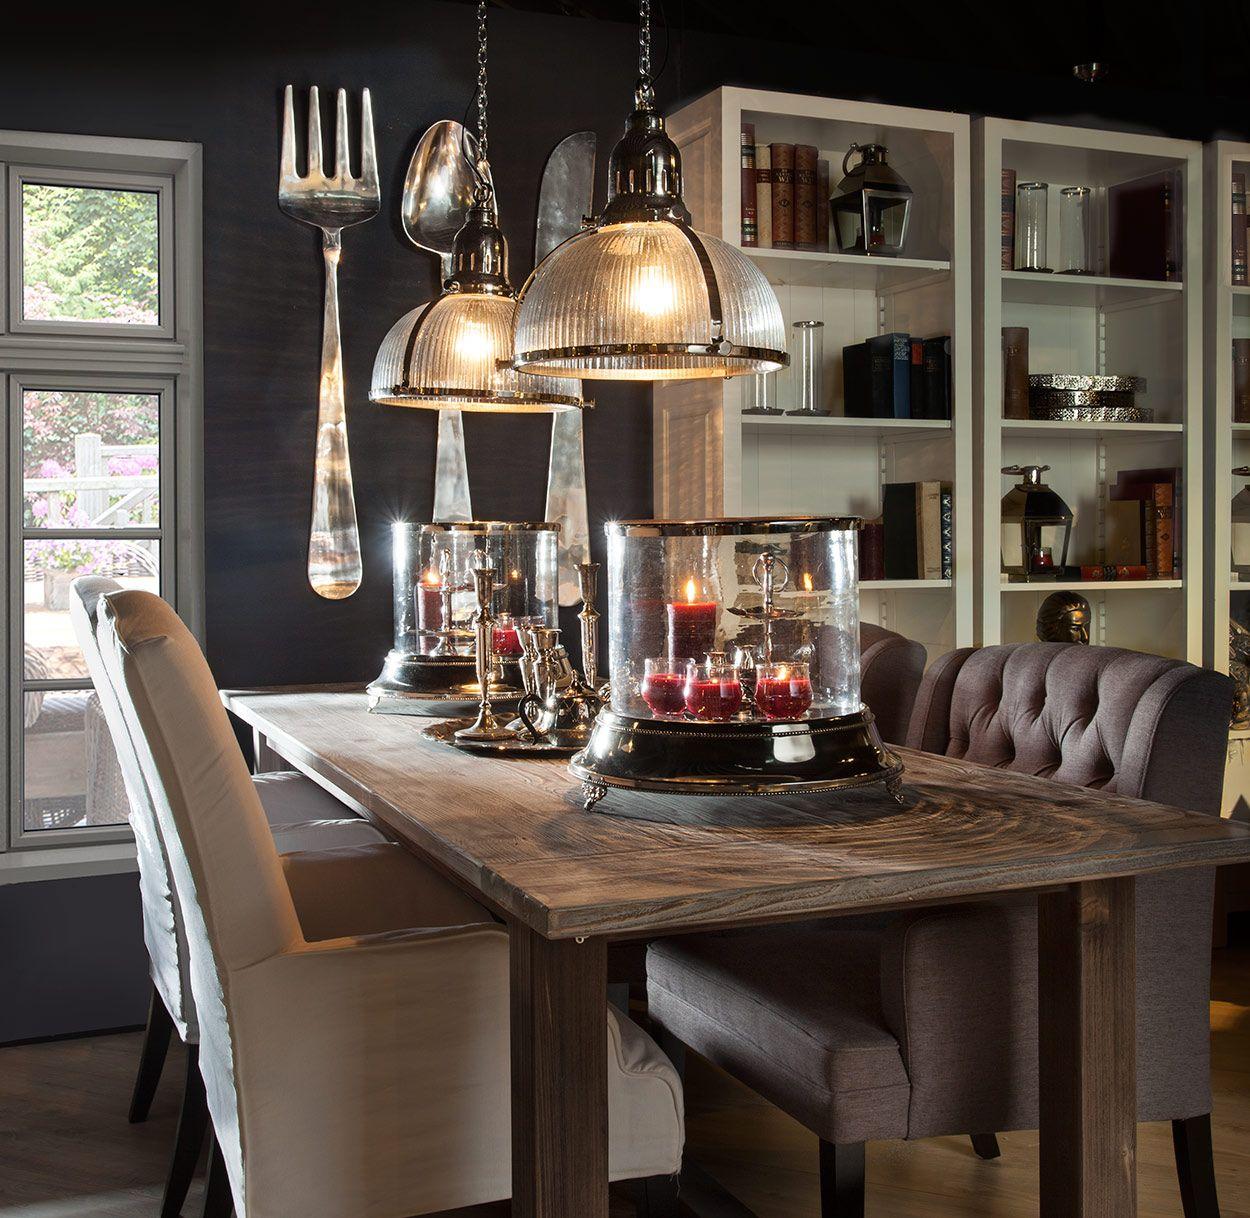 Landelijk Klassieke Eethoek Rofra Home Landelijk Klassiek Decoratie Sfeervol Rofrahome Home Deco Rustieke Eettafel Sweet Home